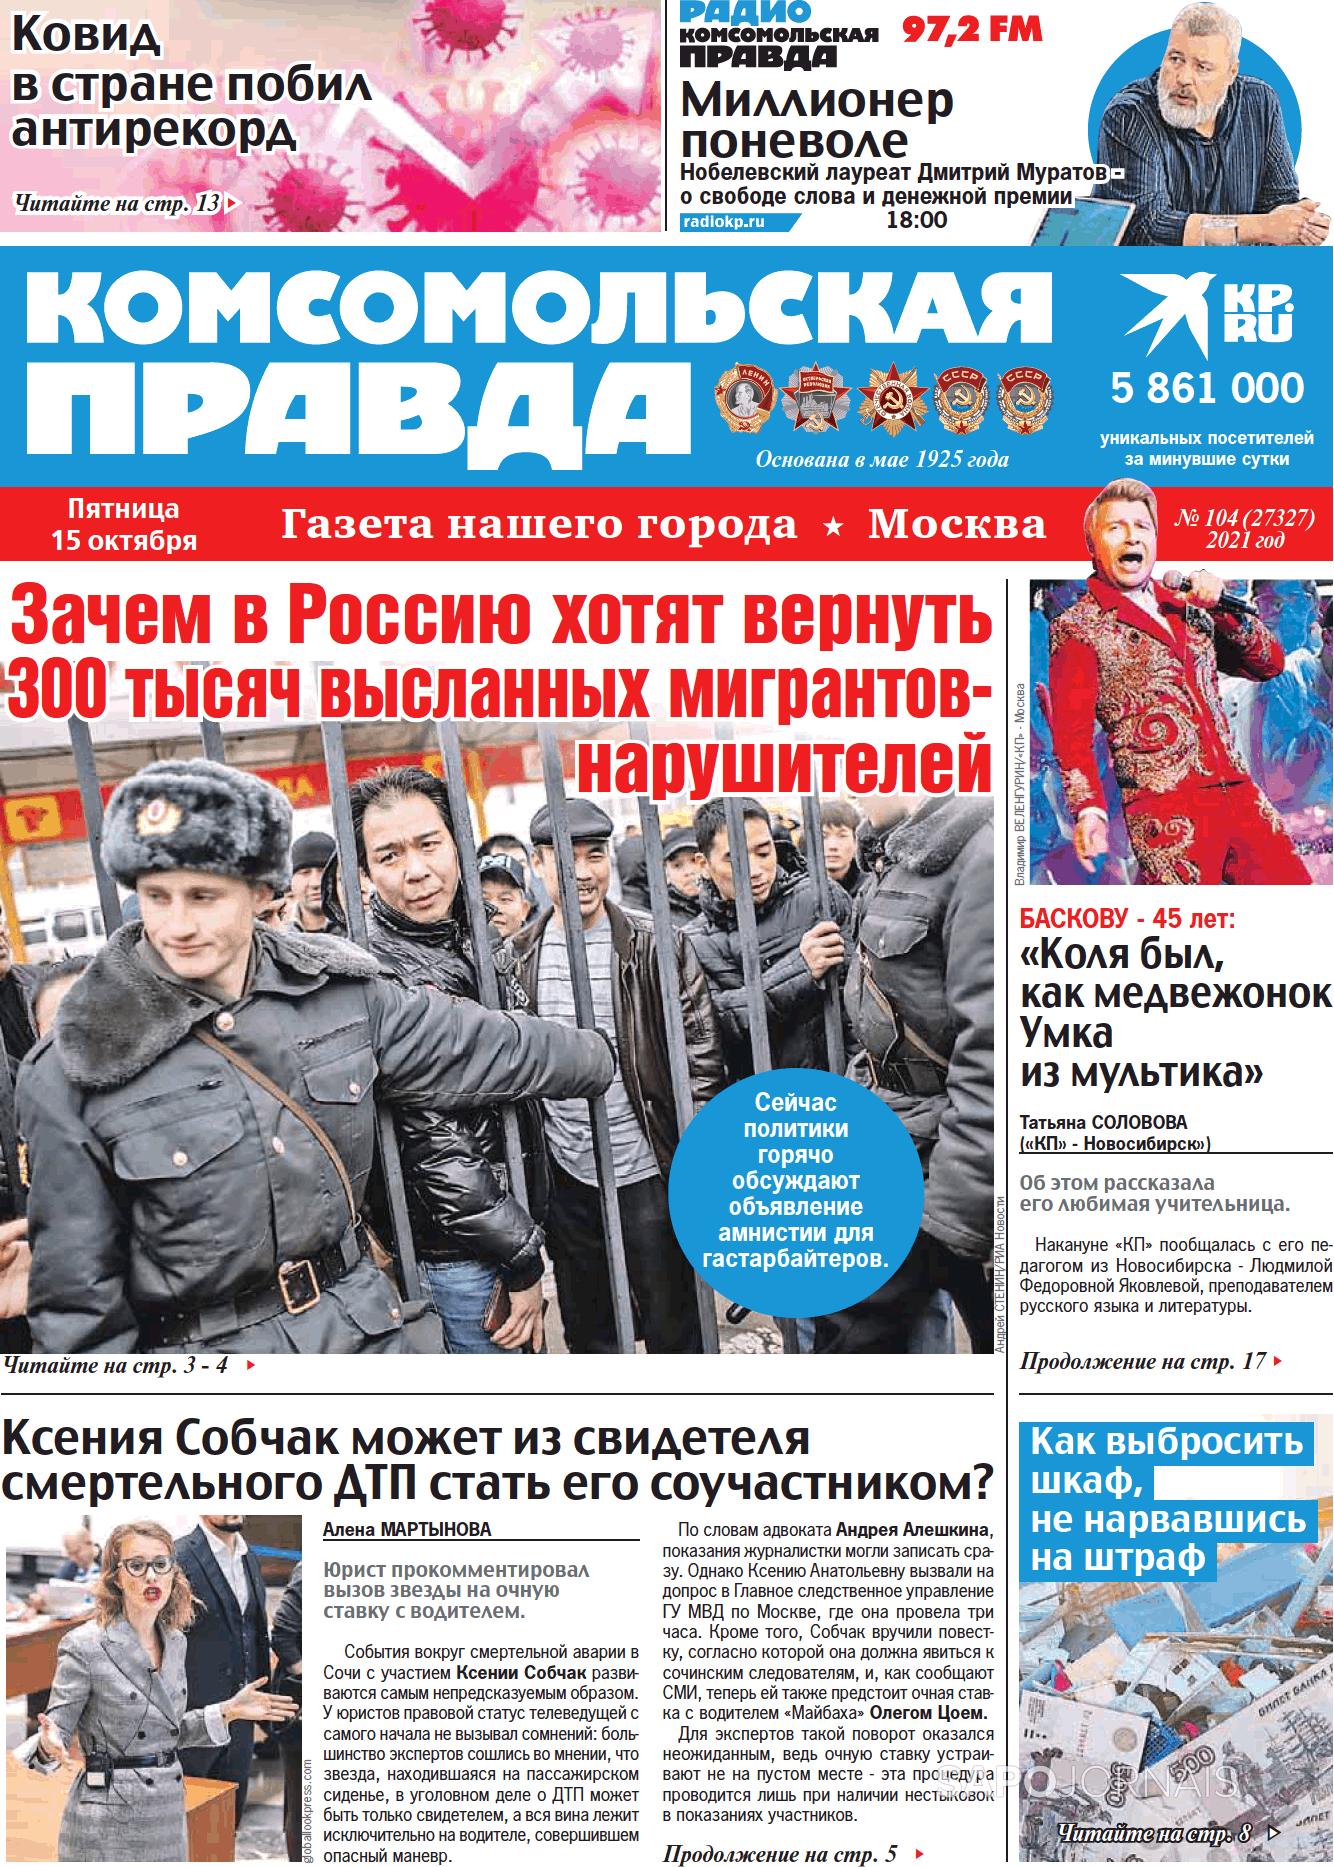 Komsomolskaya Pravda v Ukraine